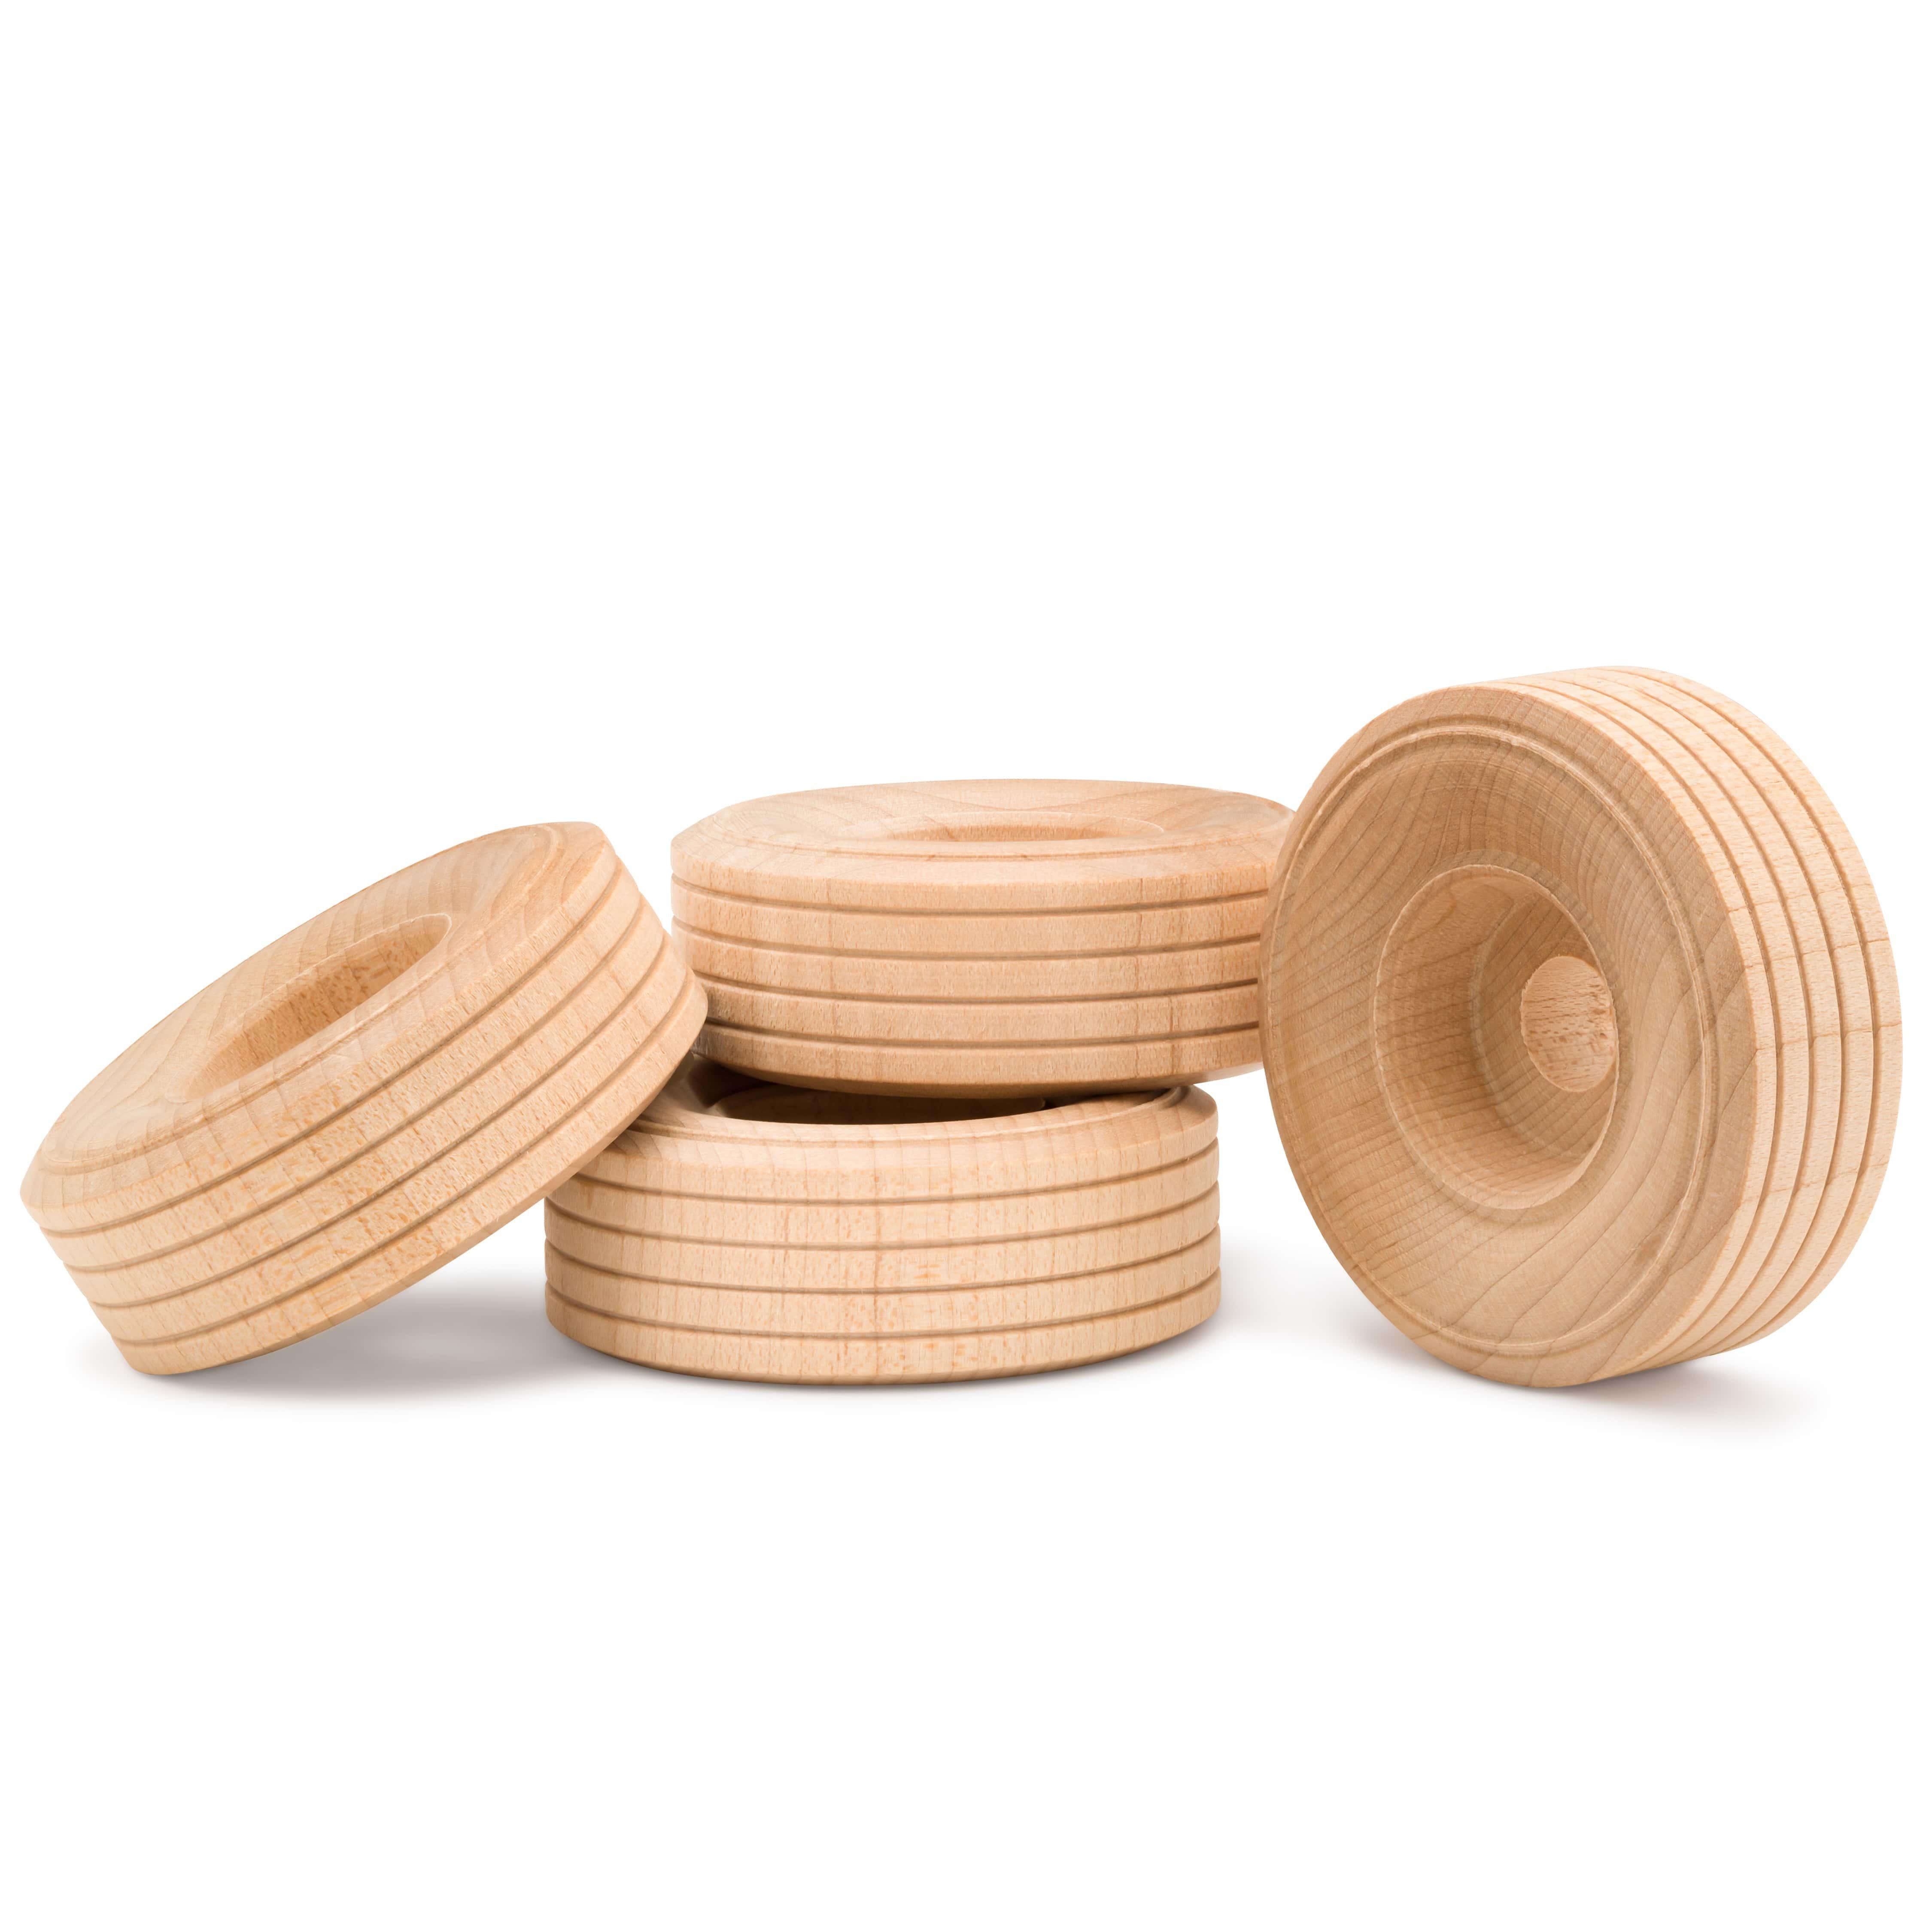 Wooden Treaded Wheels